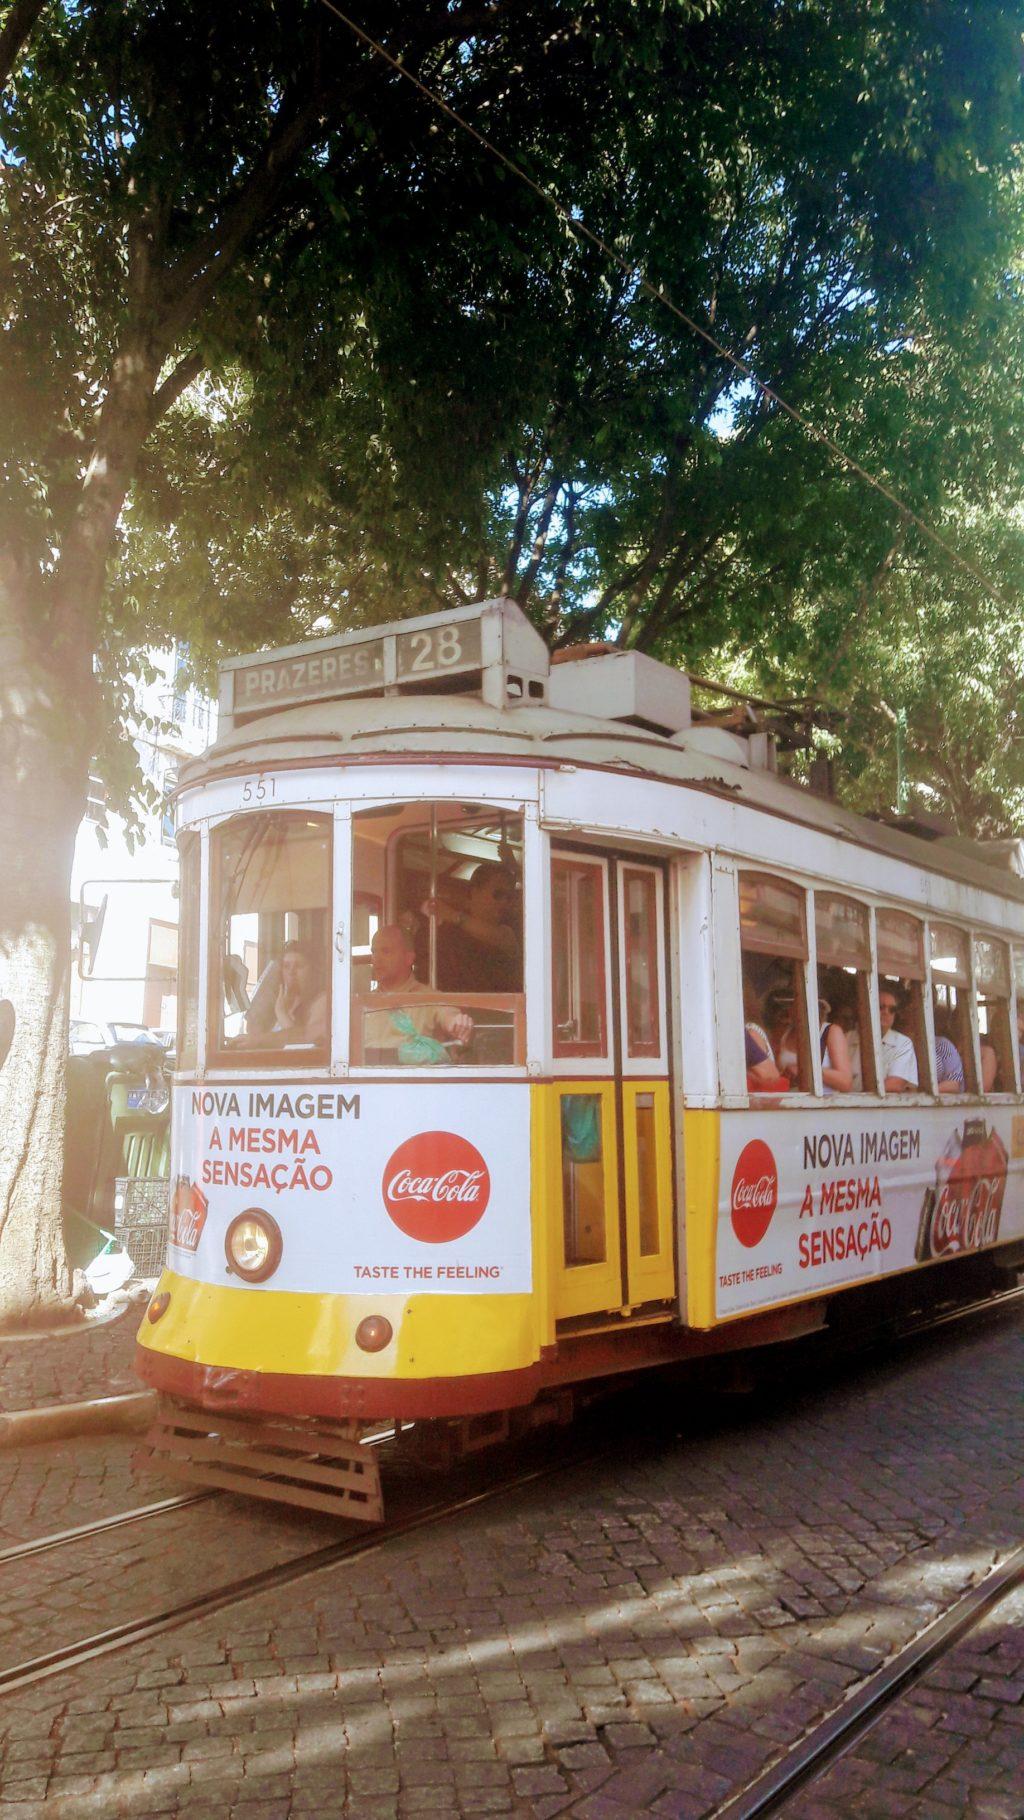 Lissabon per Straßenbahnlinie 28E